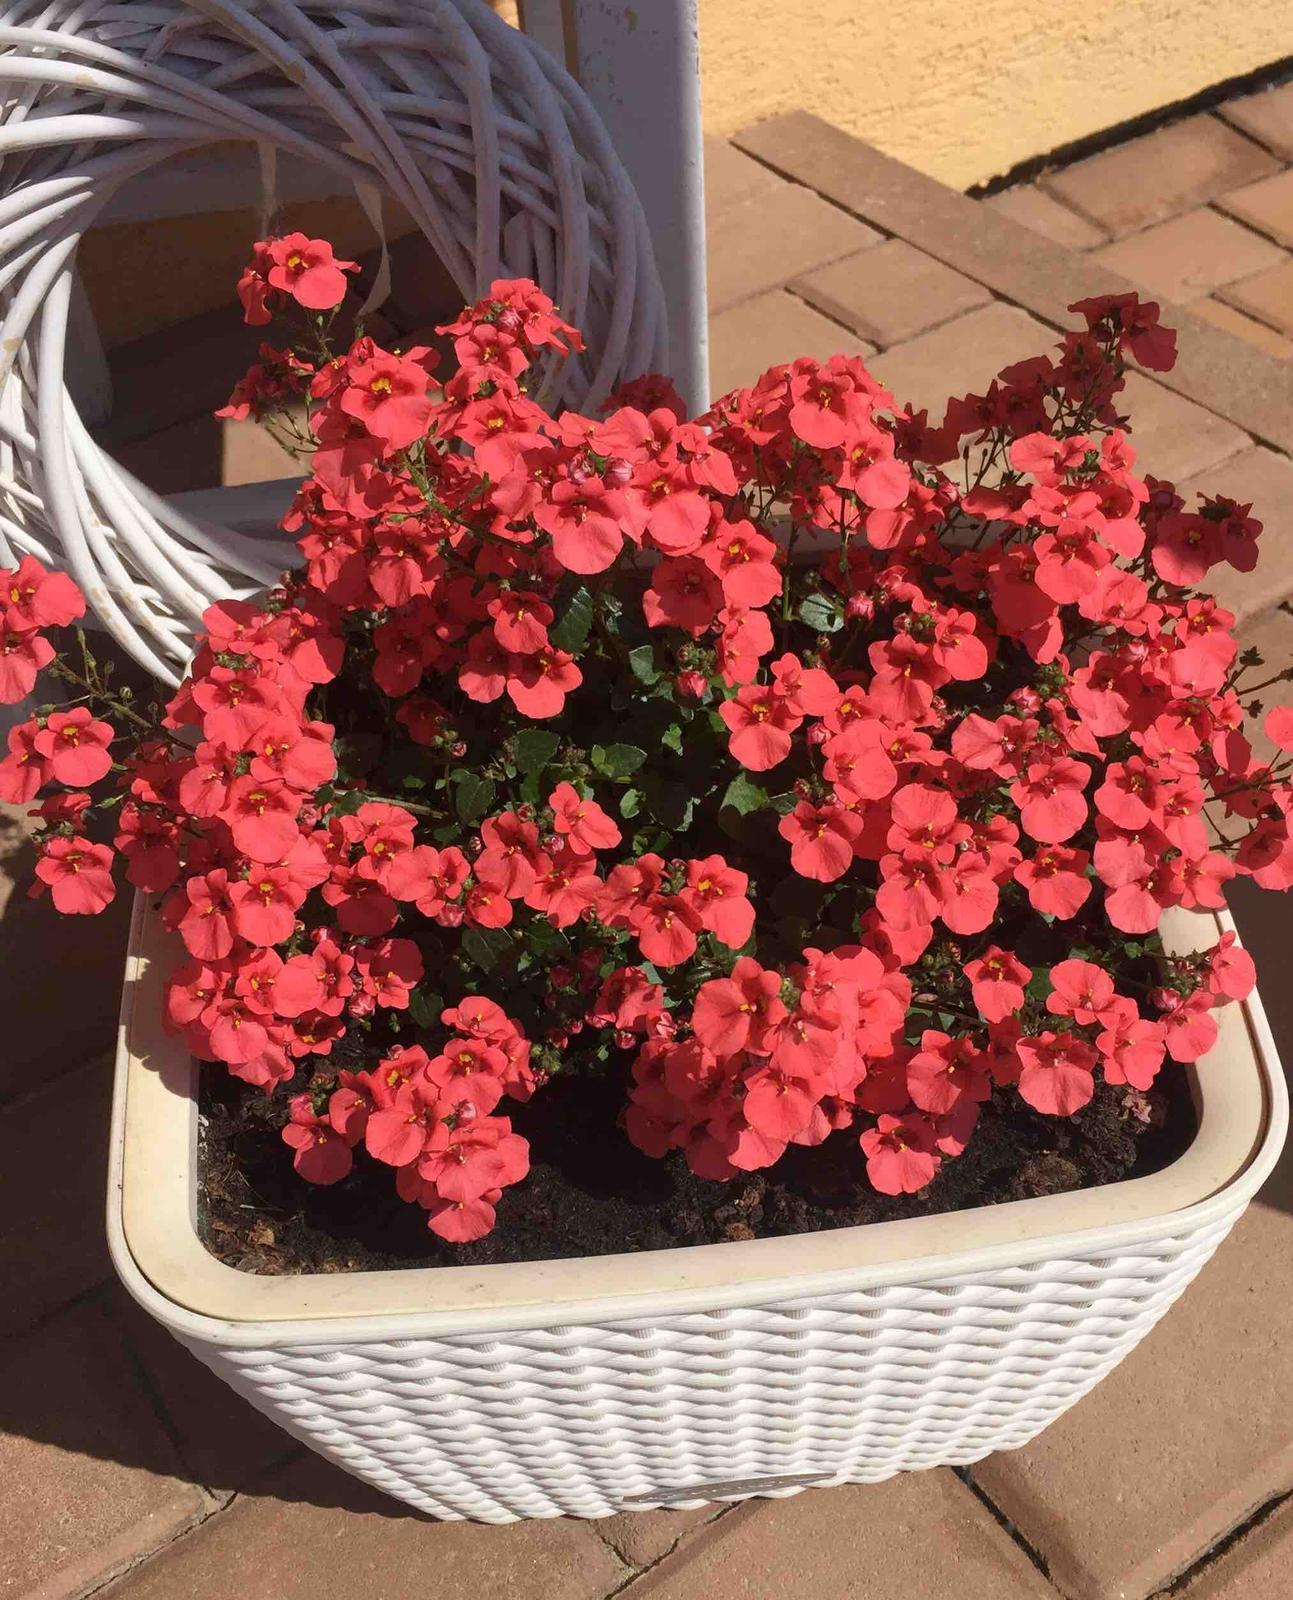 Naše barevná zahrada 🌸 - Z této barvičky jsem nadšená